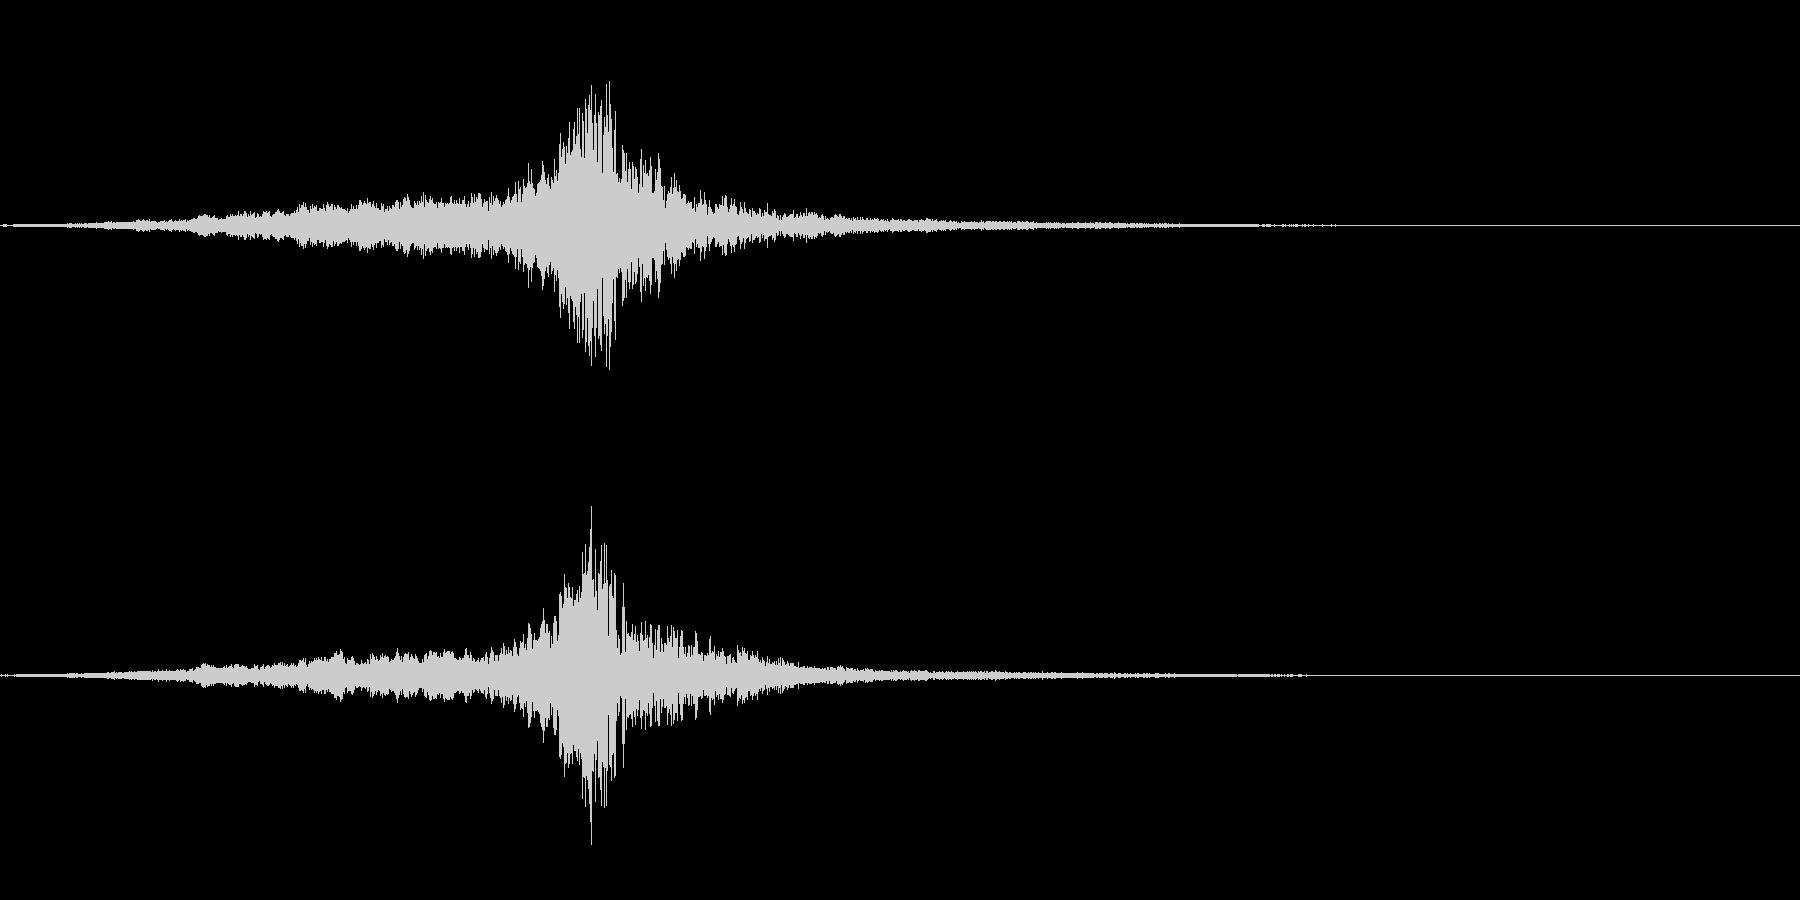 ロゴや転換の音・一刀両断・シューブンッの未再生の波形